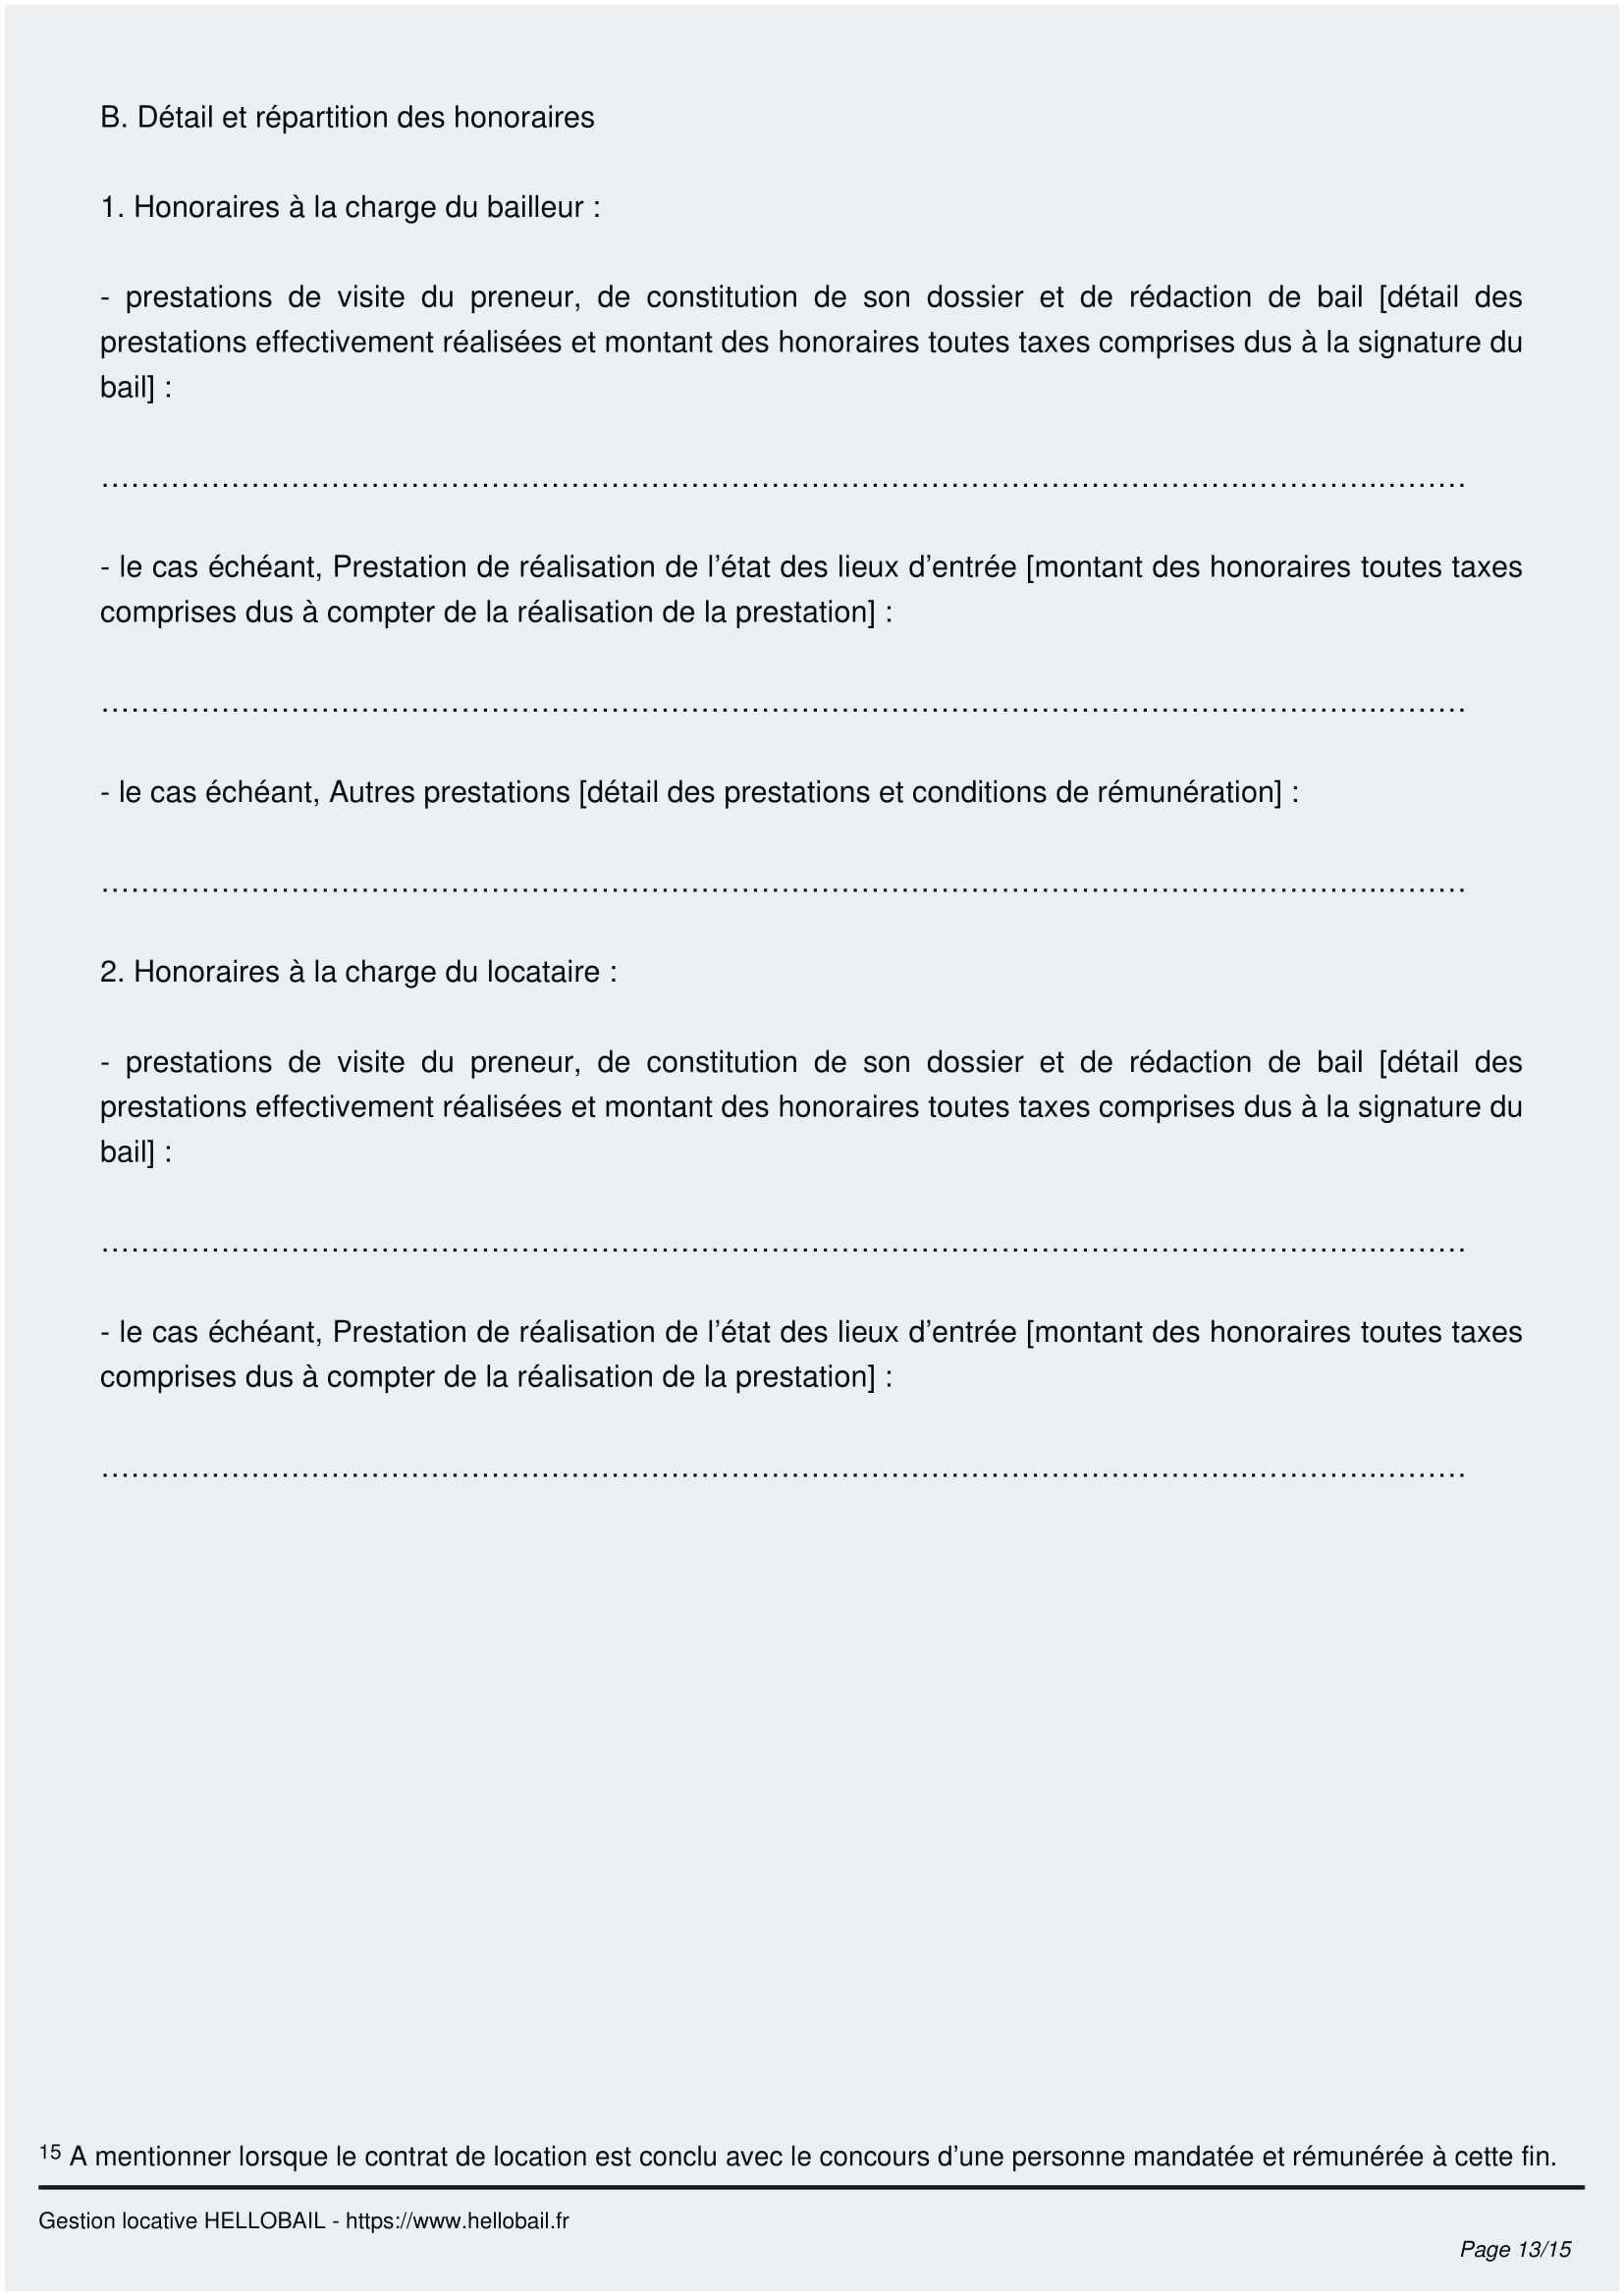 Jelouebien Contrat De Location – Gamboahinestrosa dedans Contrat De Location Meublé Gratuit